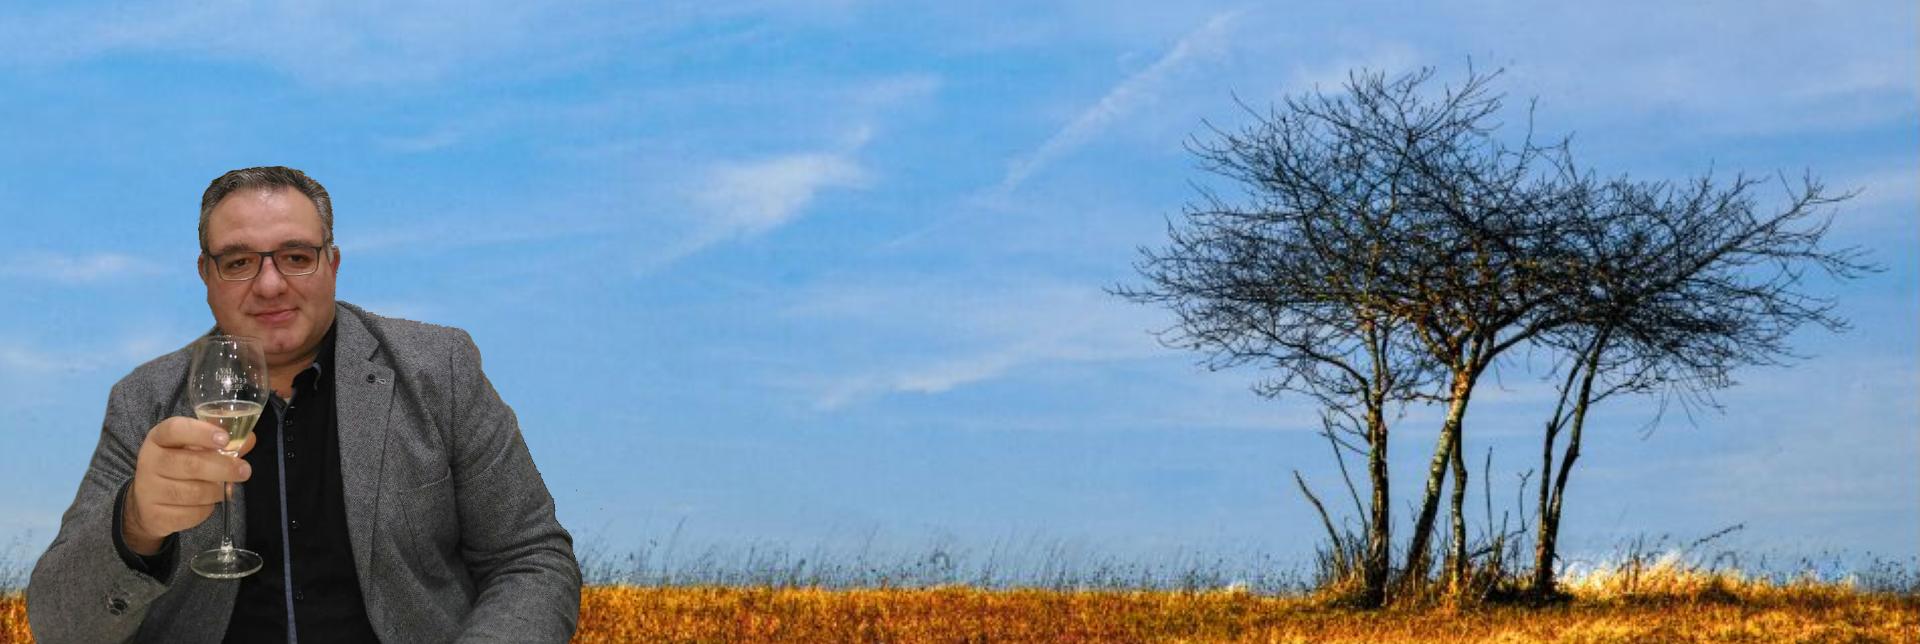 attilio-albero